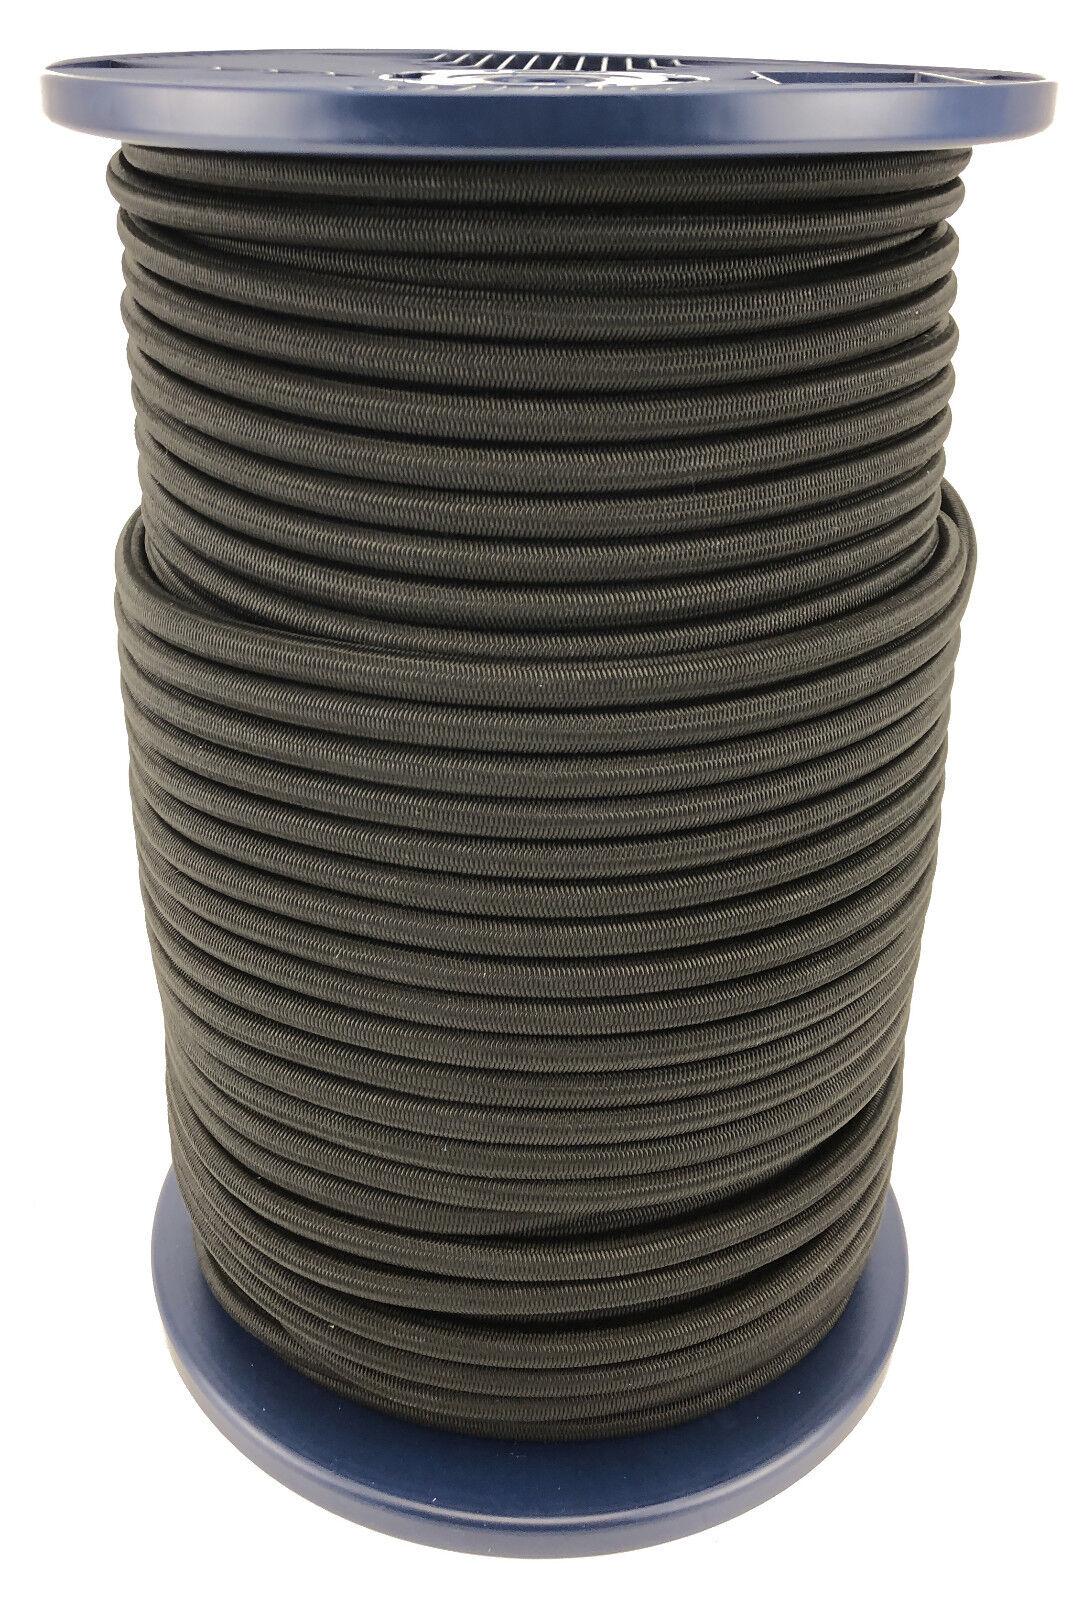 12 mm Nero Elastico Bungee Corda. Corda Elastica Fissaggio x 20 Metres